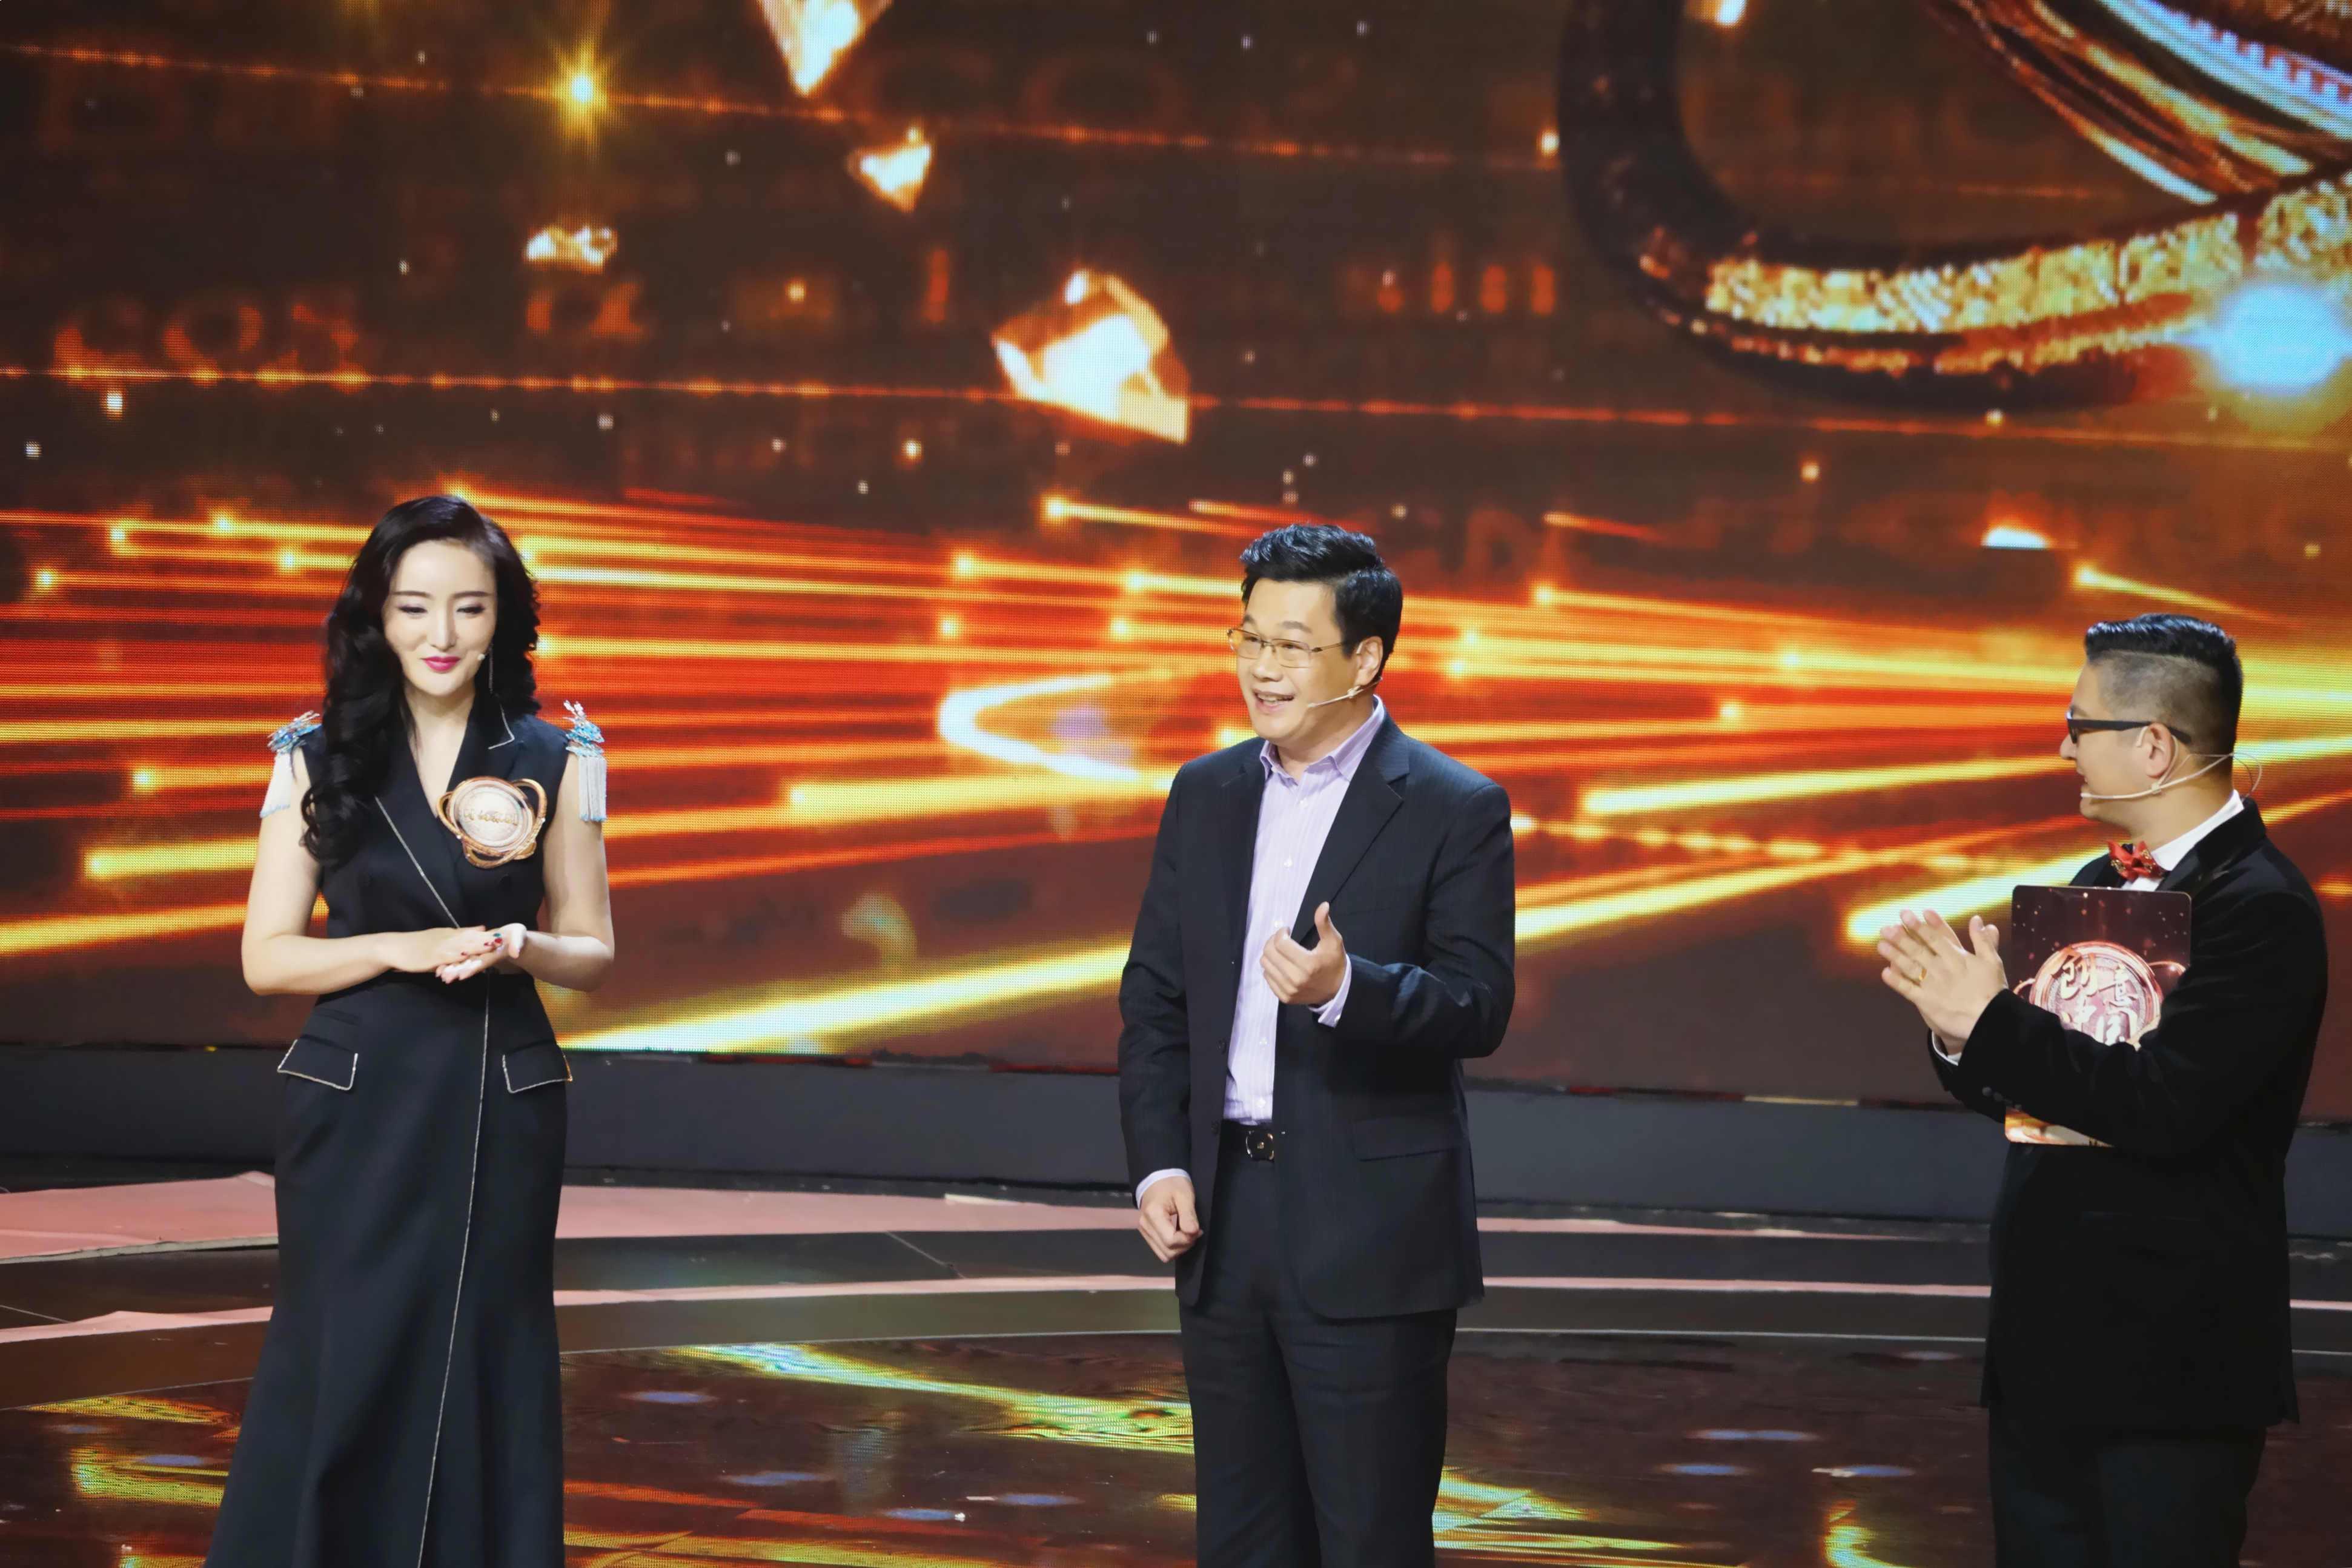 《创意中国》周茂非惊艳亮嗓 与创客唱《智斗》